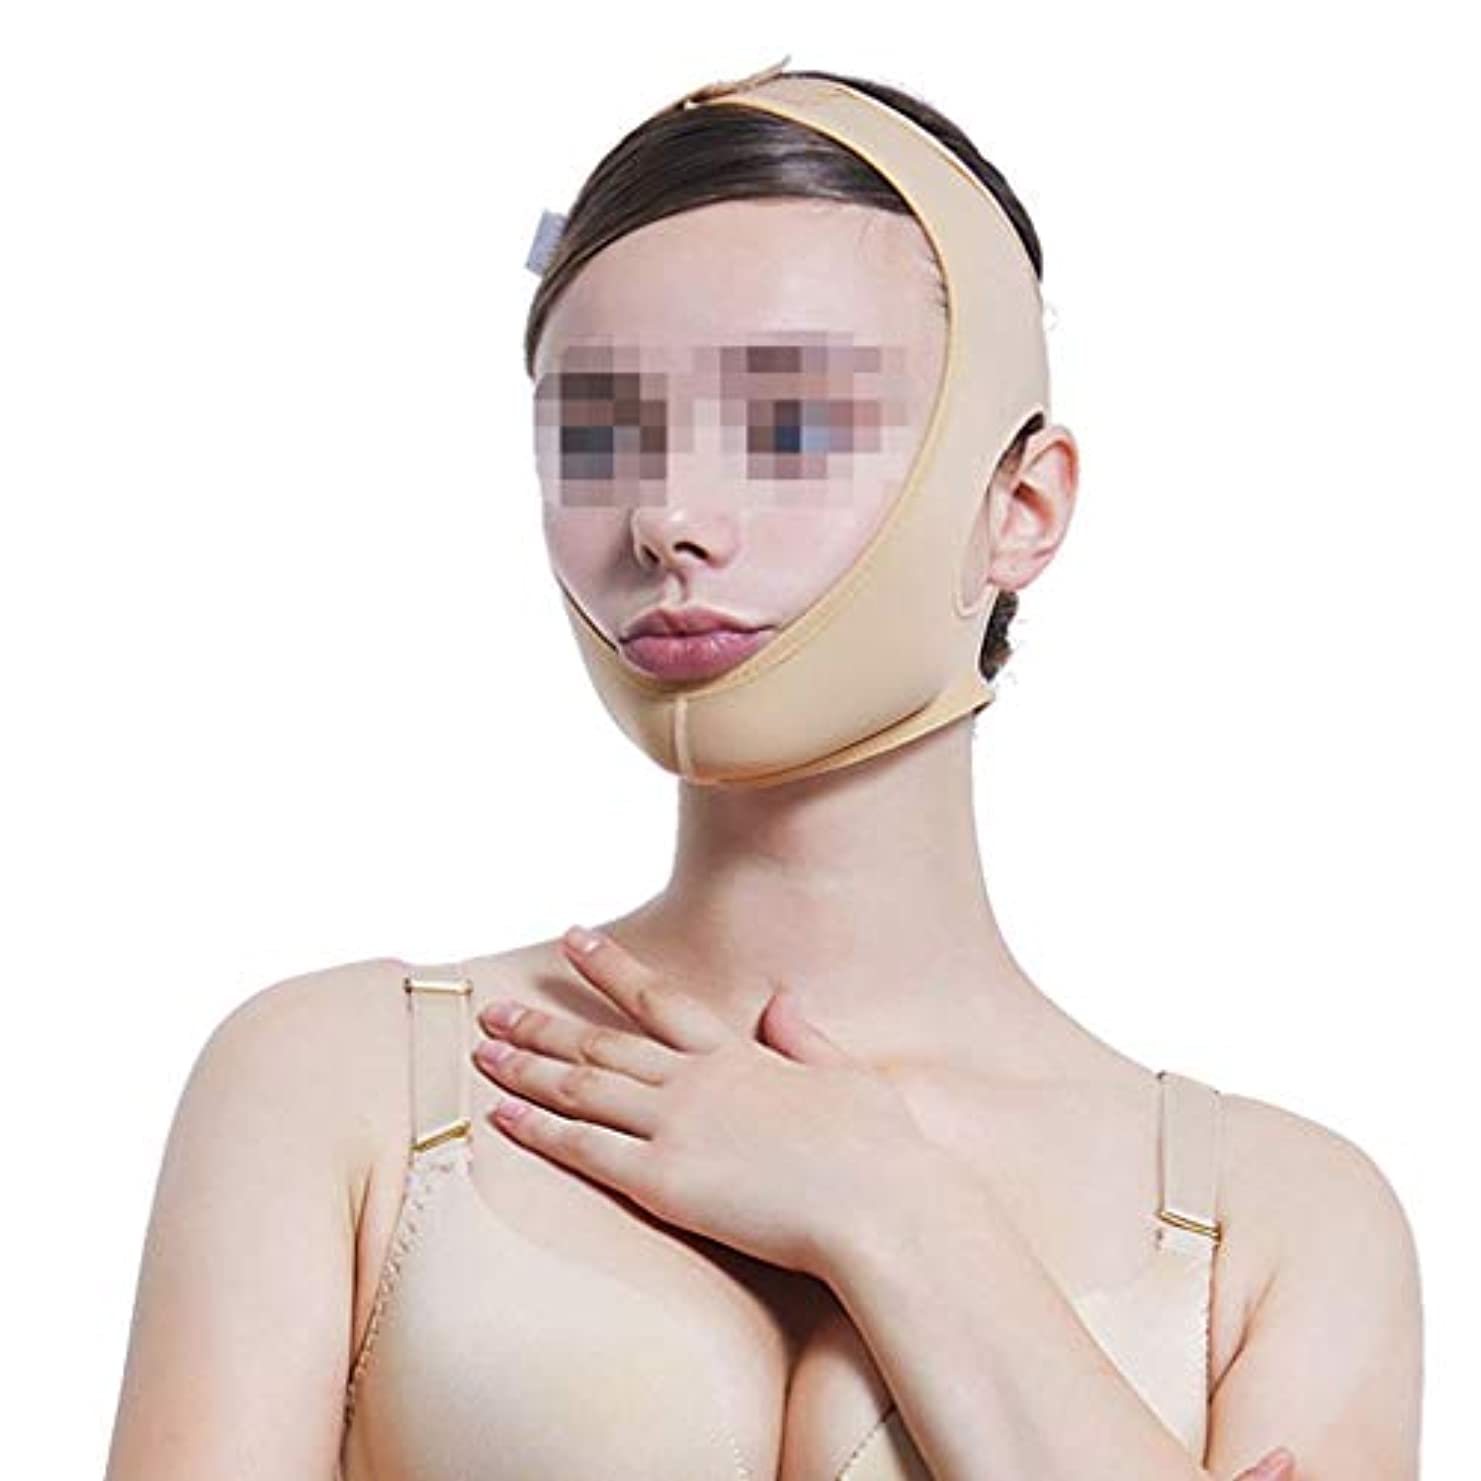 行くどういたしまして惑星ビームフェイス弾性ヘッドギア、ダブルあごのあごのセットをマスクの後に線彫り薄いフェイス包帯マルチサイズオプション(サイズ:XS),XXL